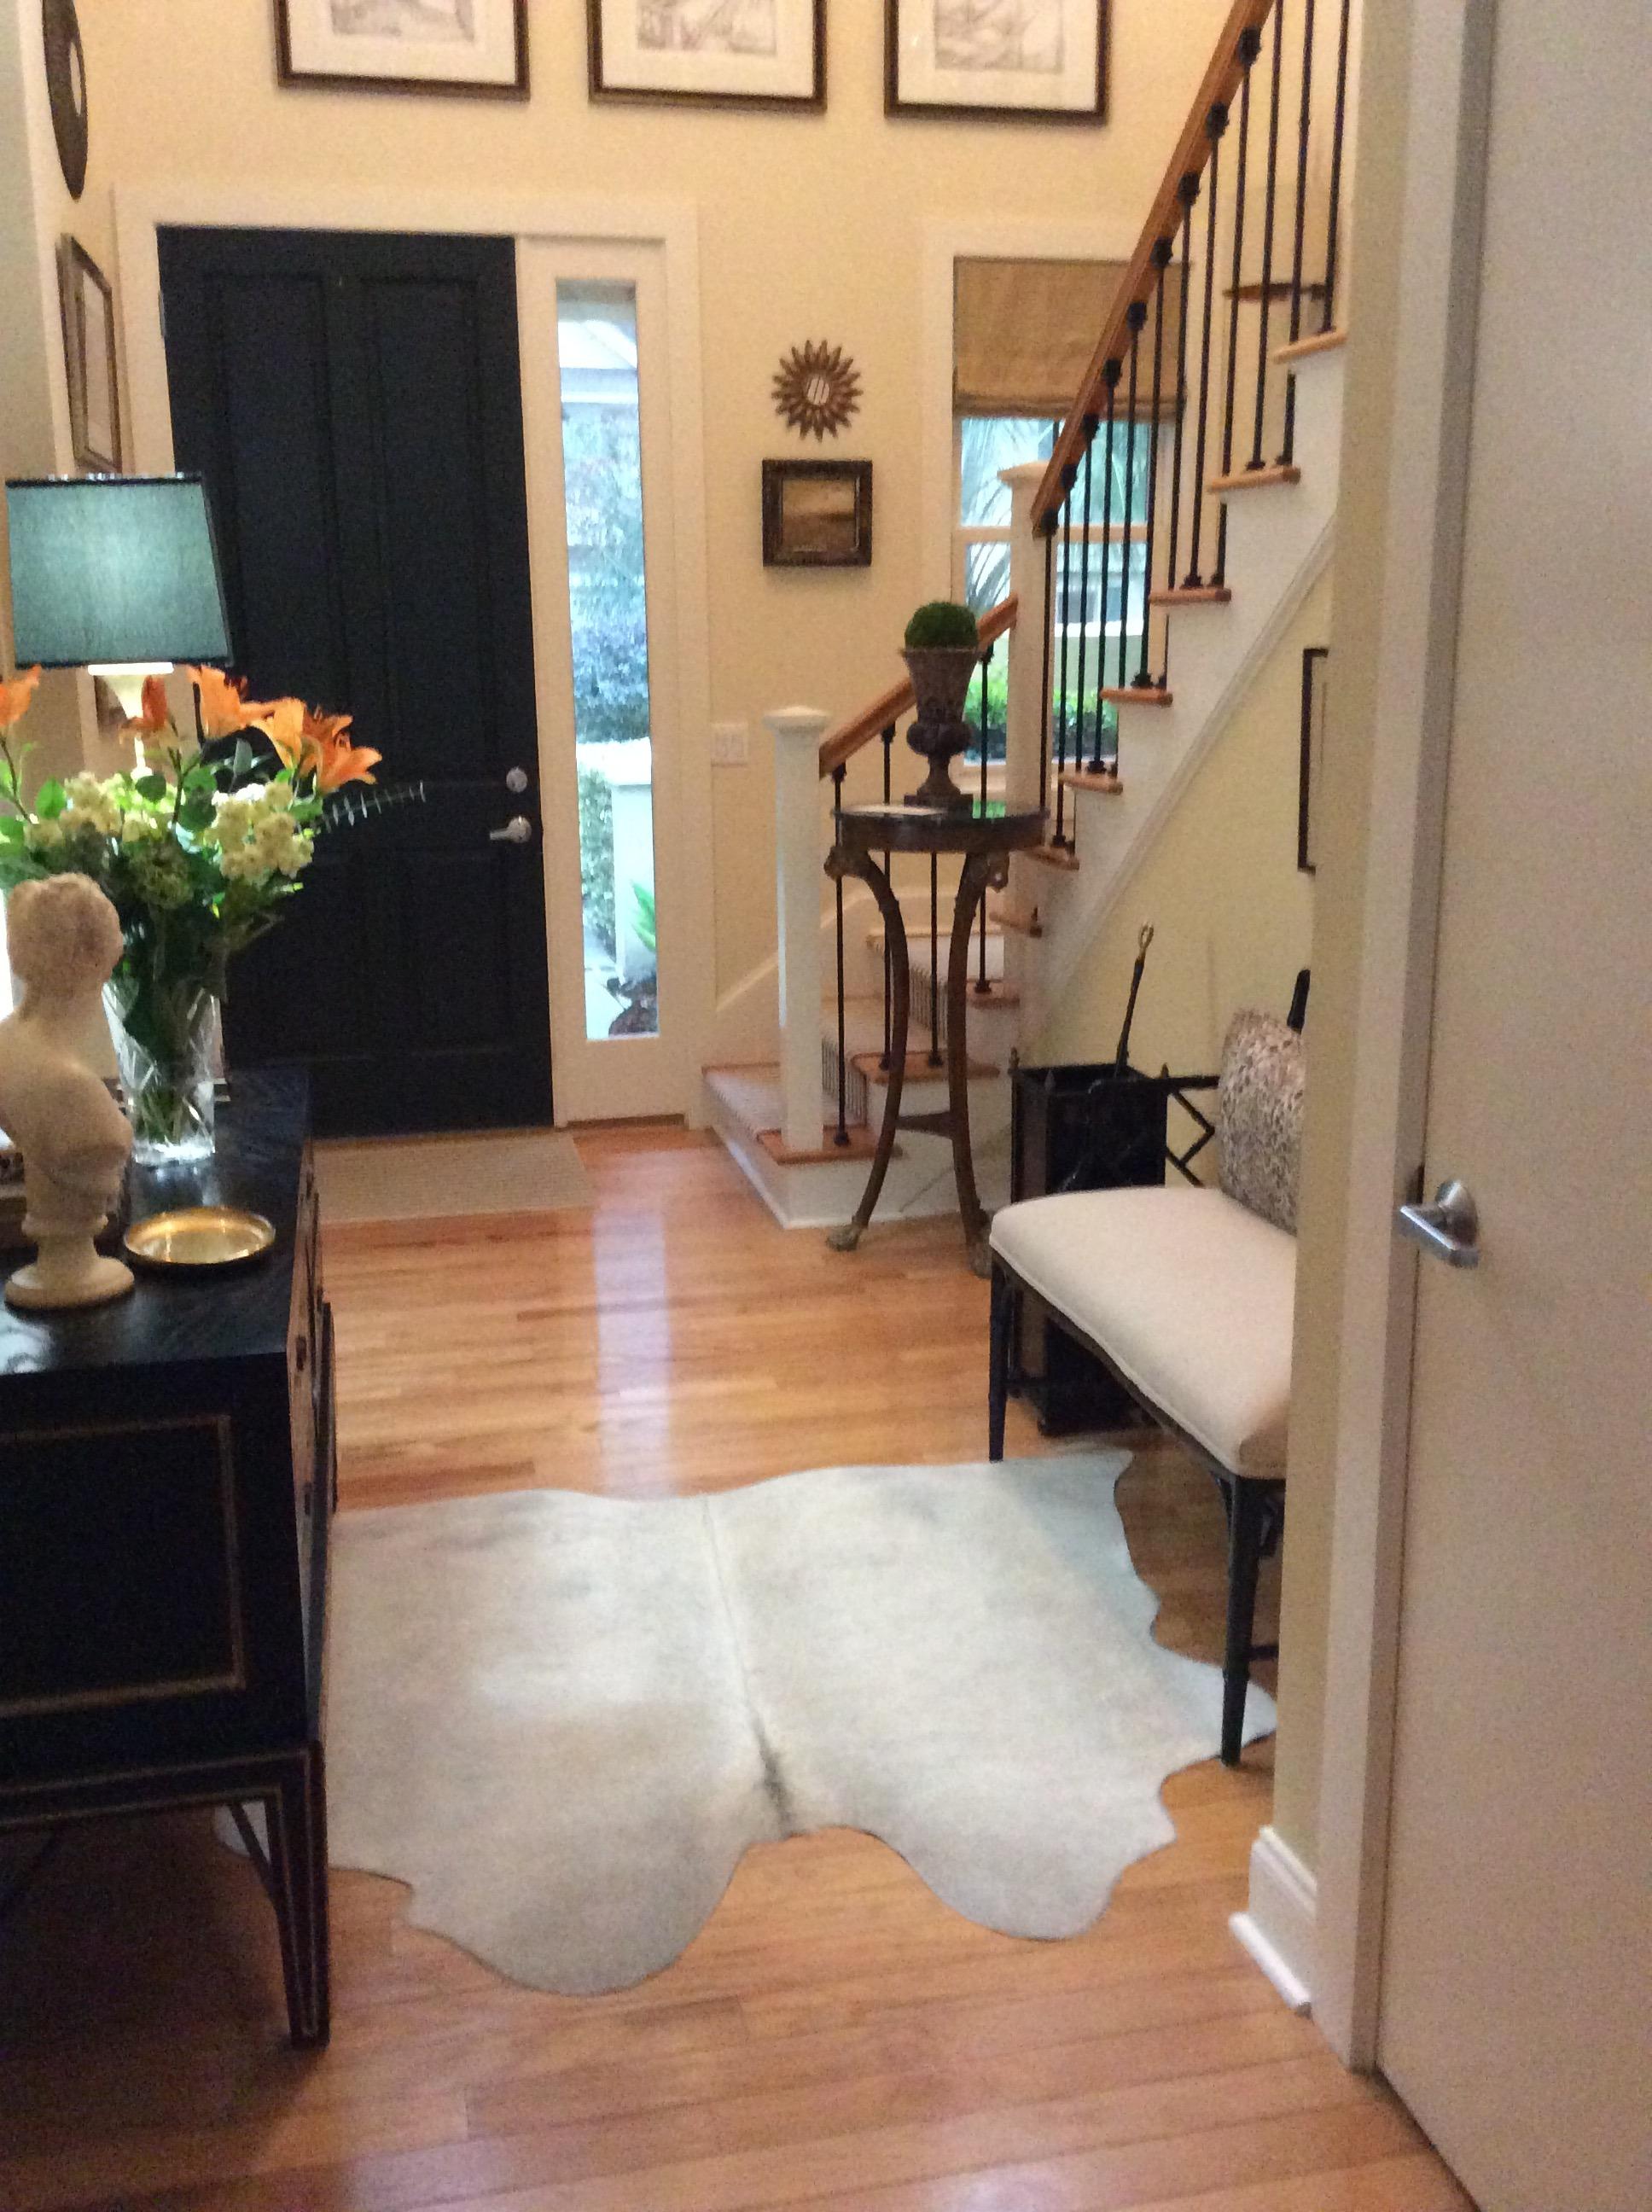 Cowhide rug in entry